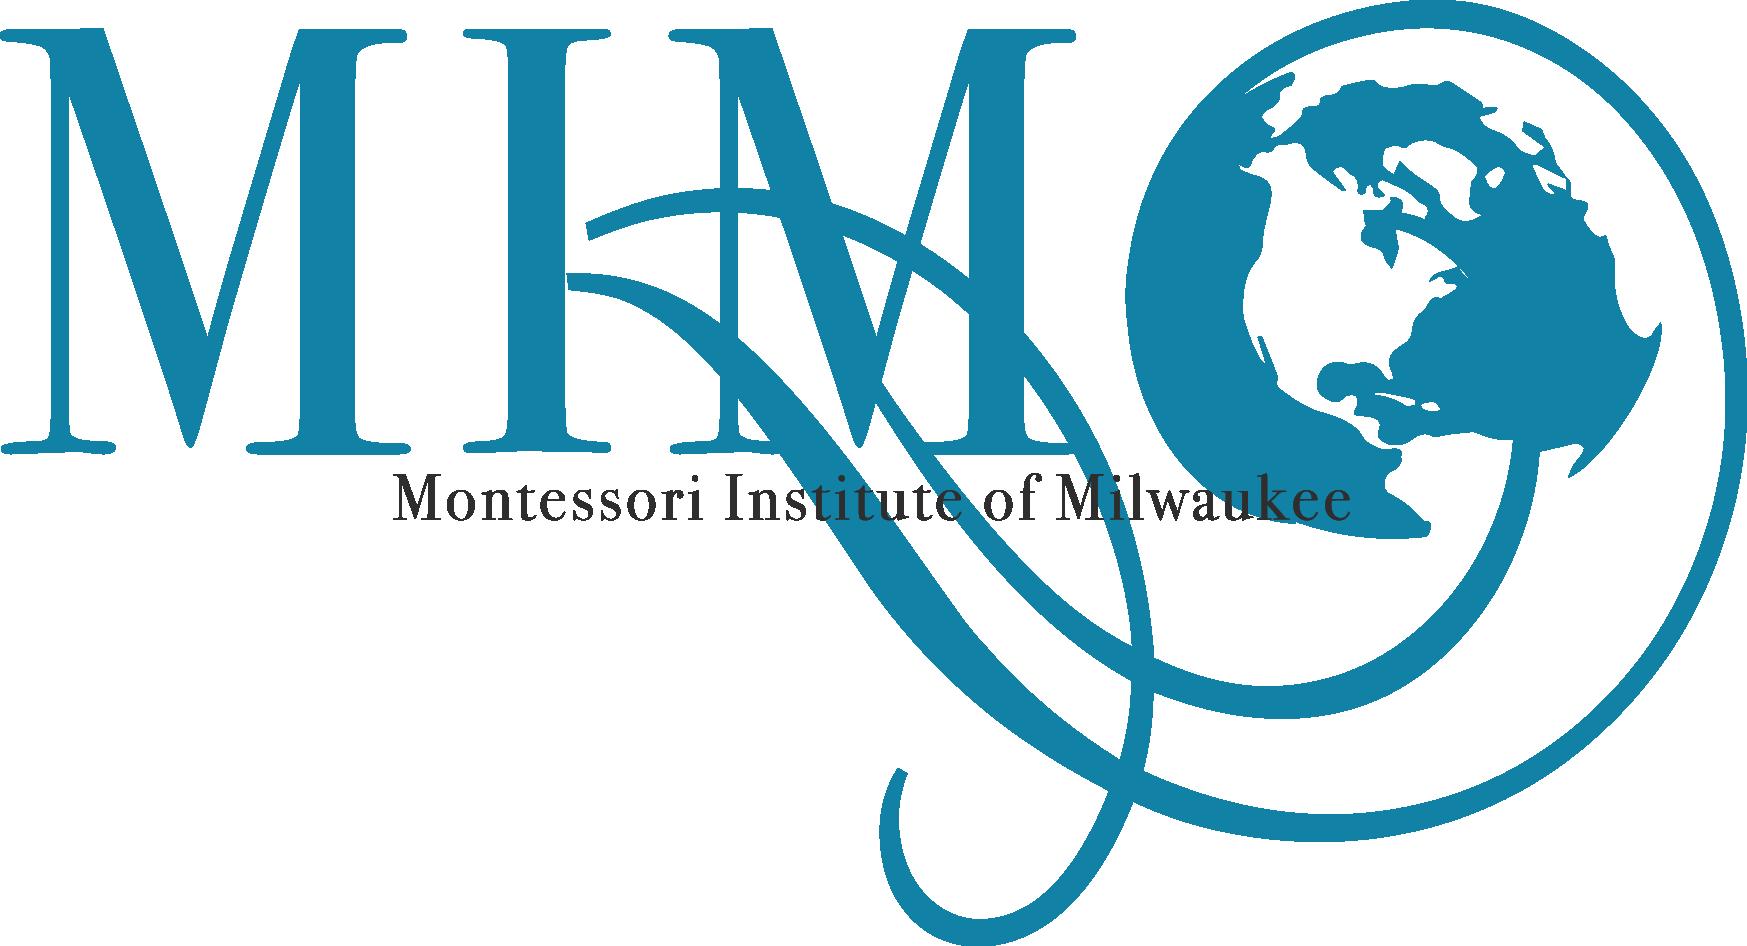 Montessori Institute of Milwaukee